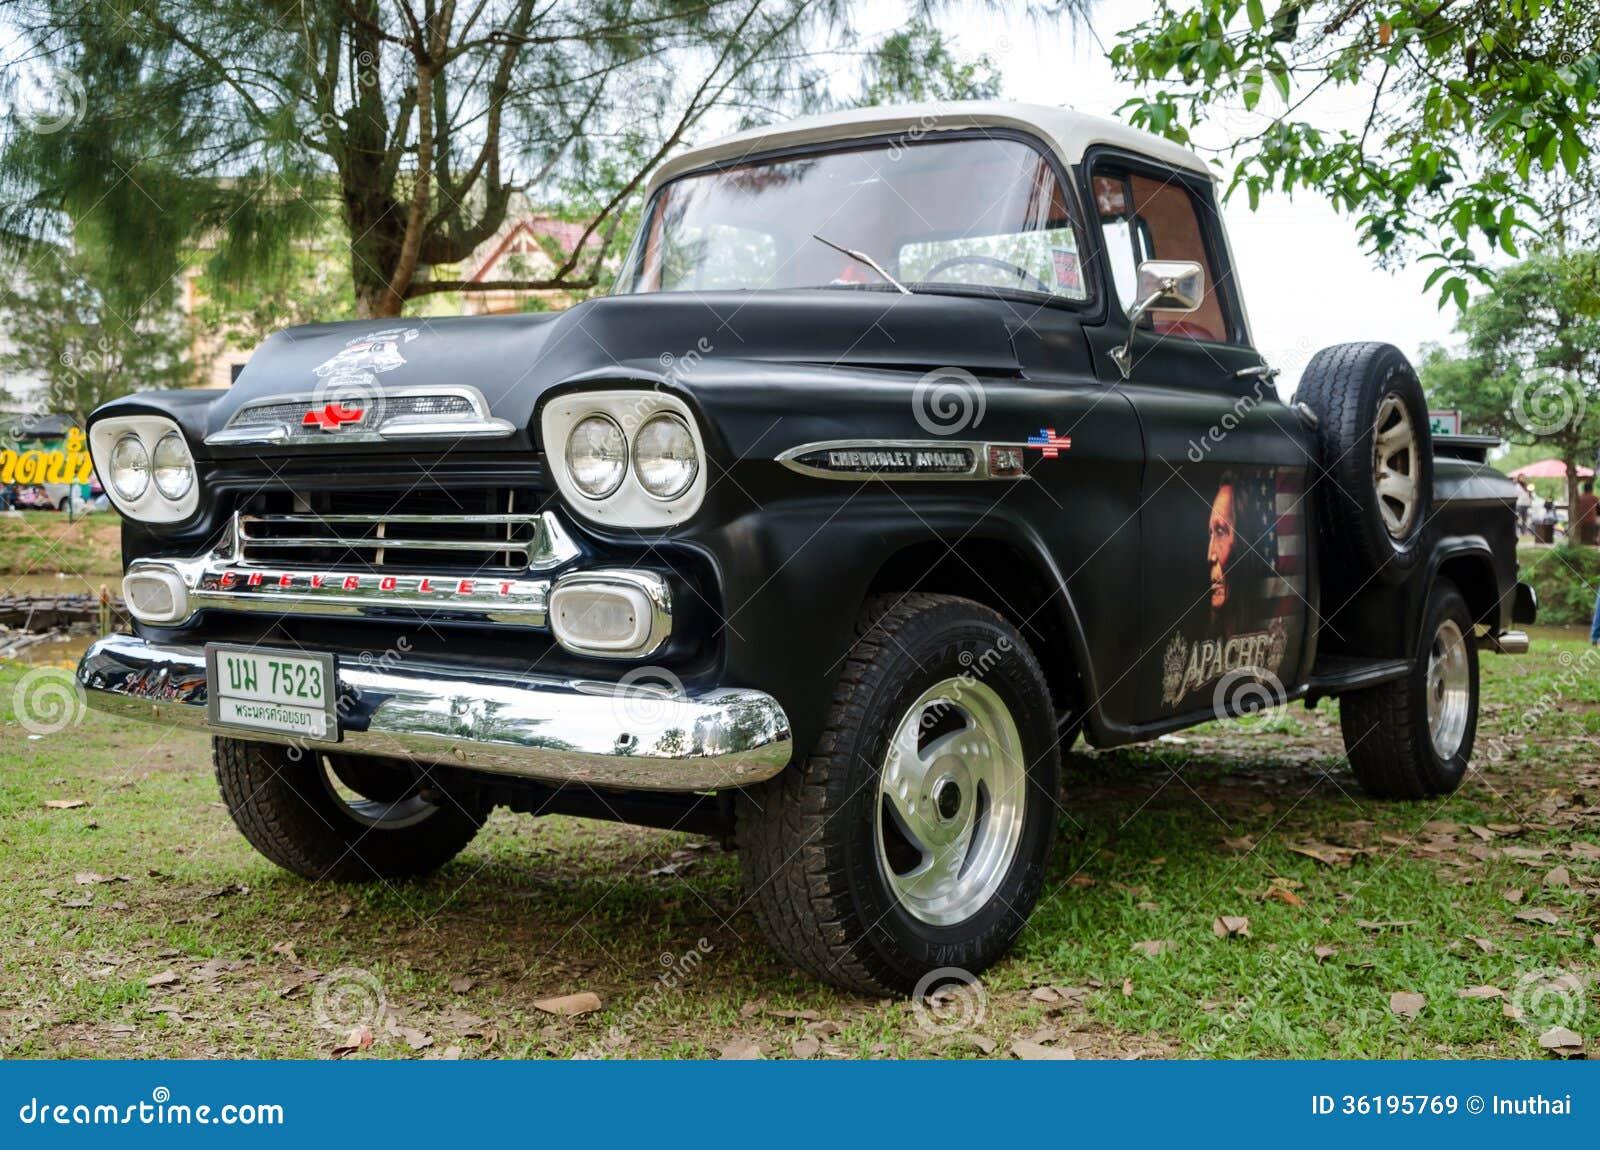 Amazoncom 55 chevy trucks for sale Automotive